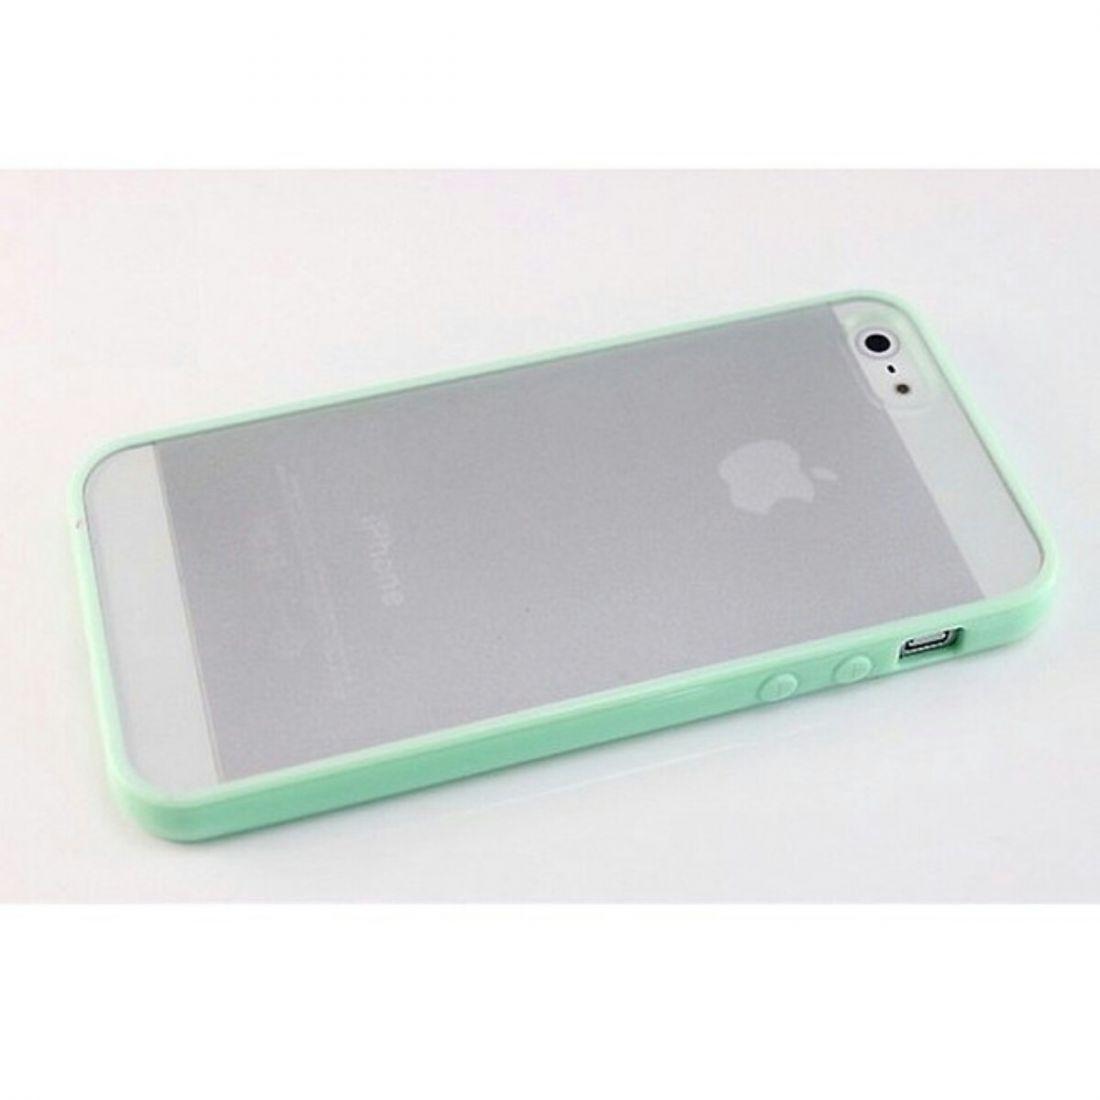 Чехлы для iphone 5/5s - бампера с прозрачной крышкой (зеленый)